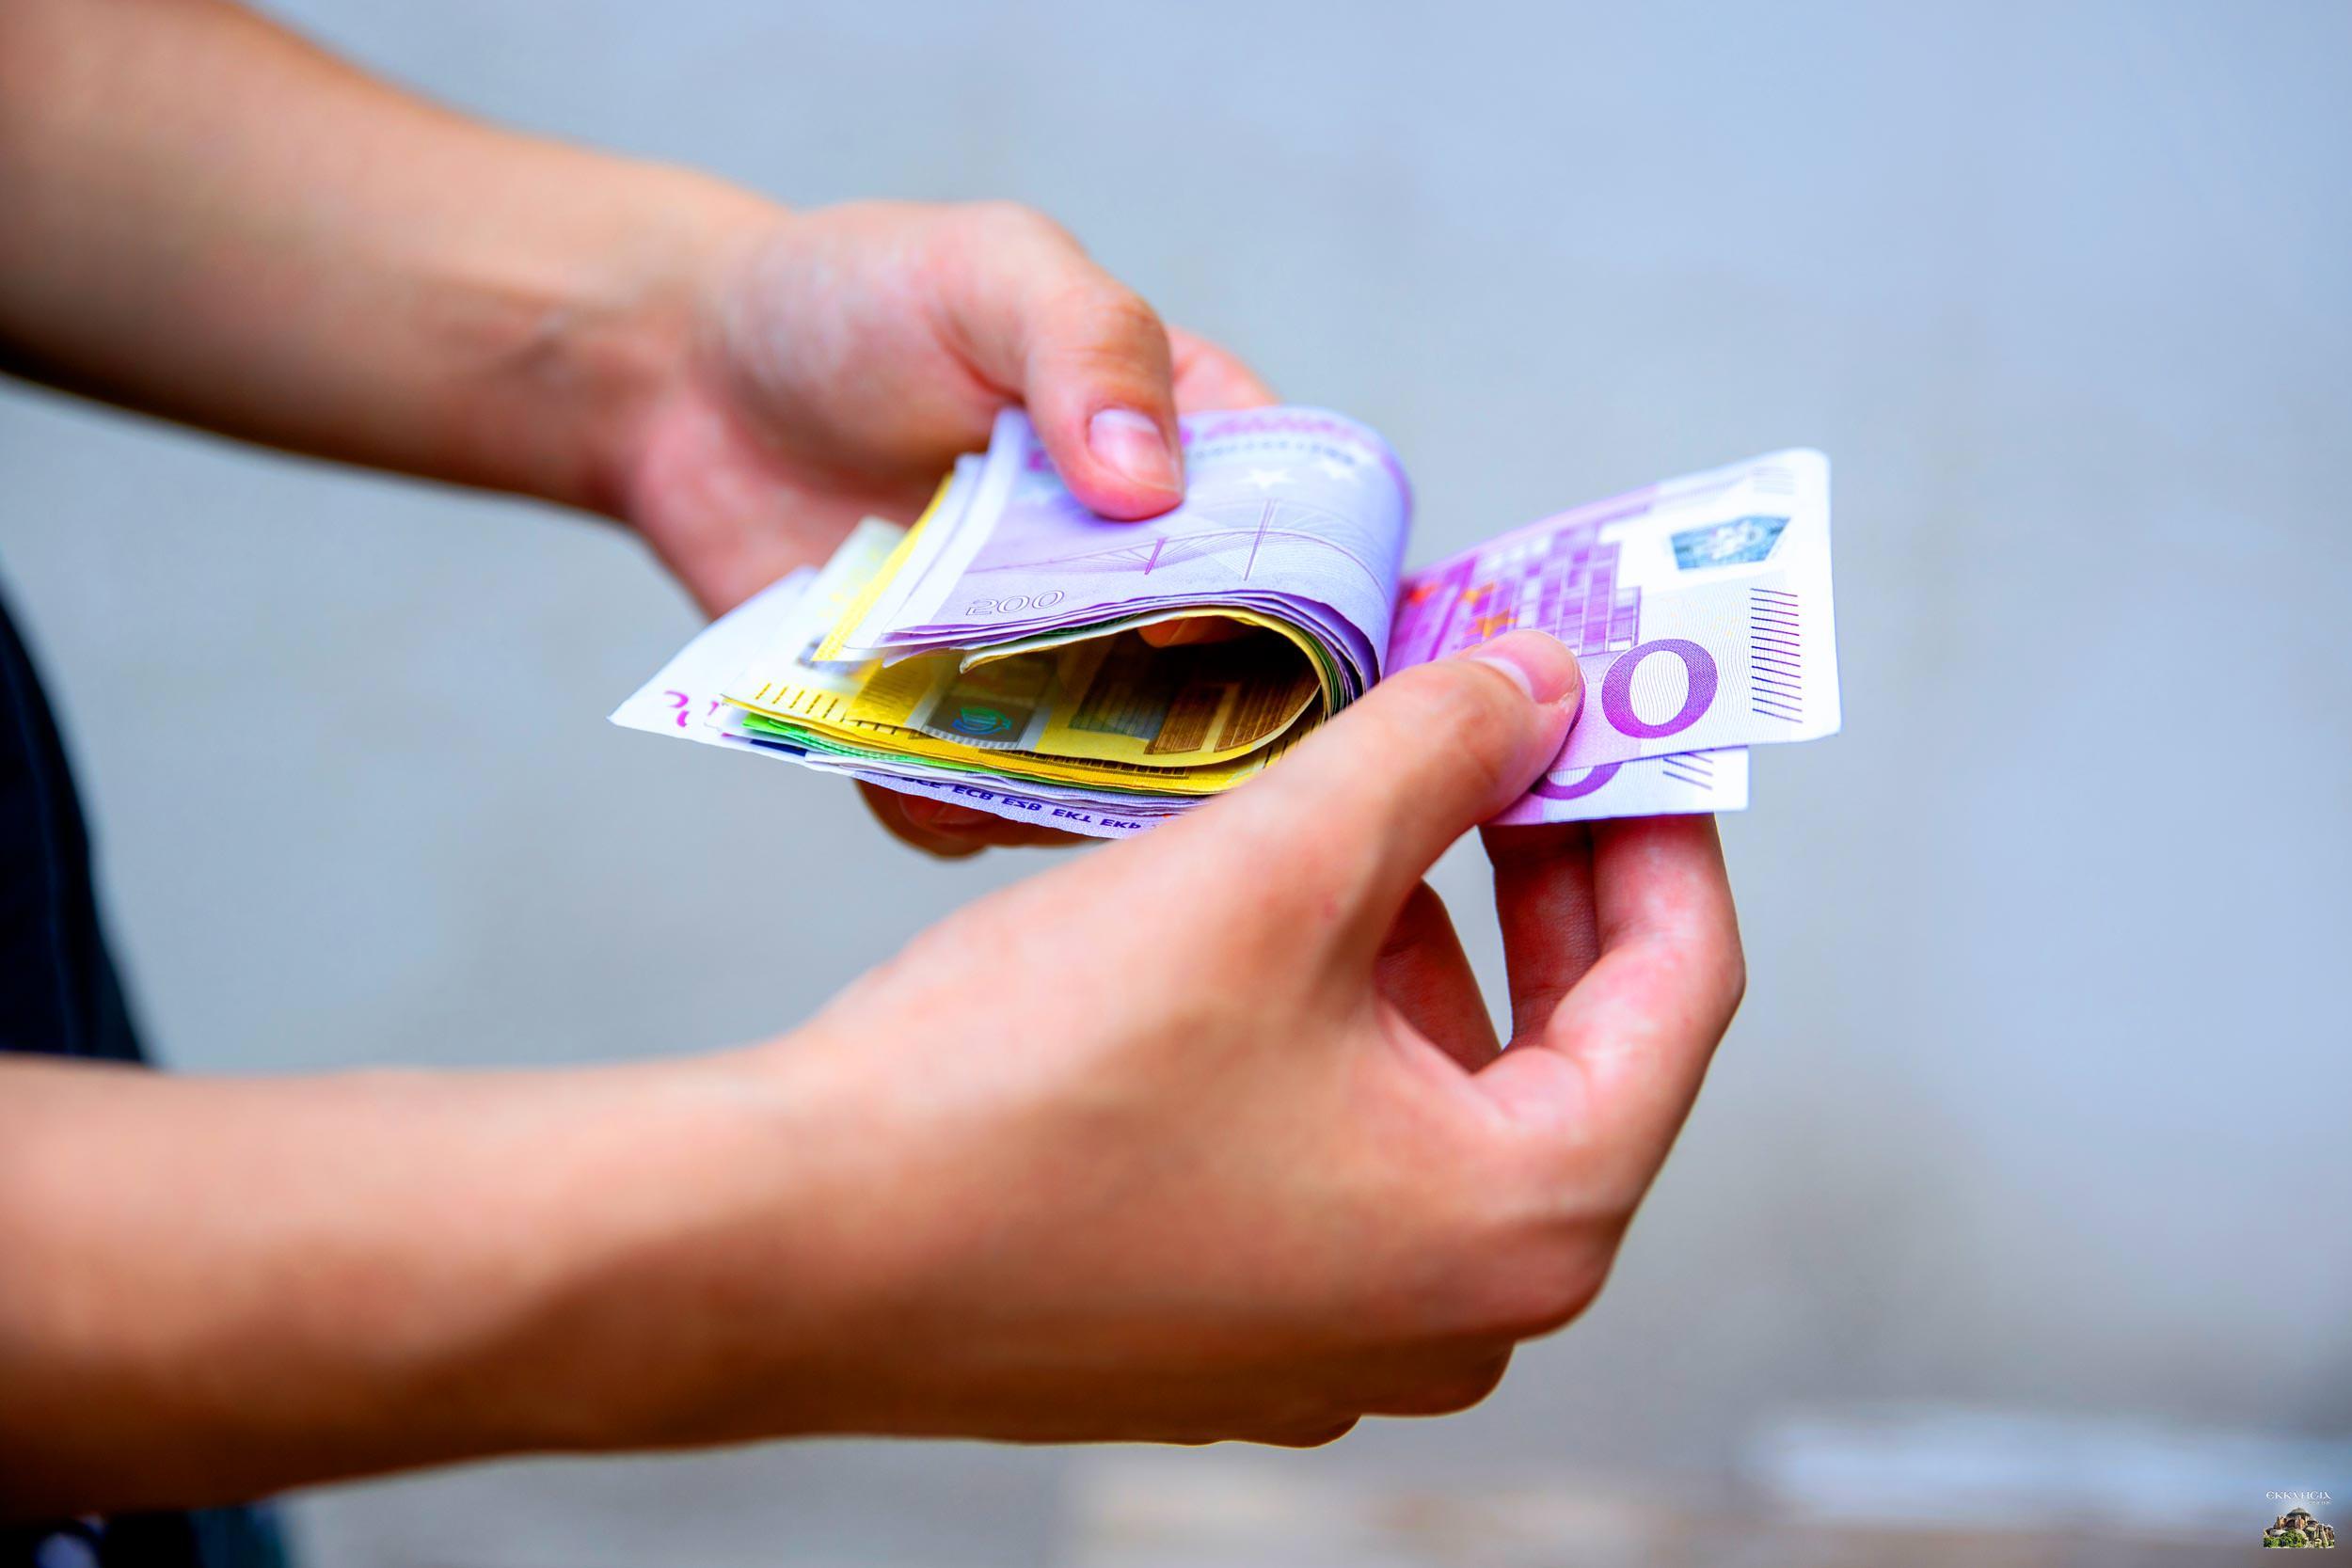 επίδομα μετρητά